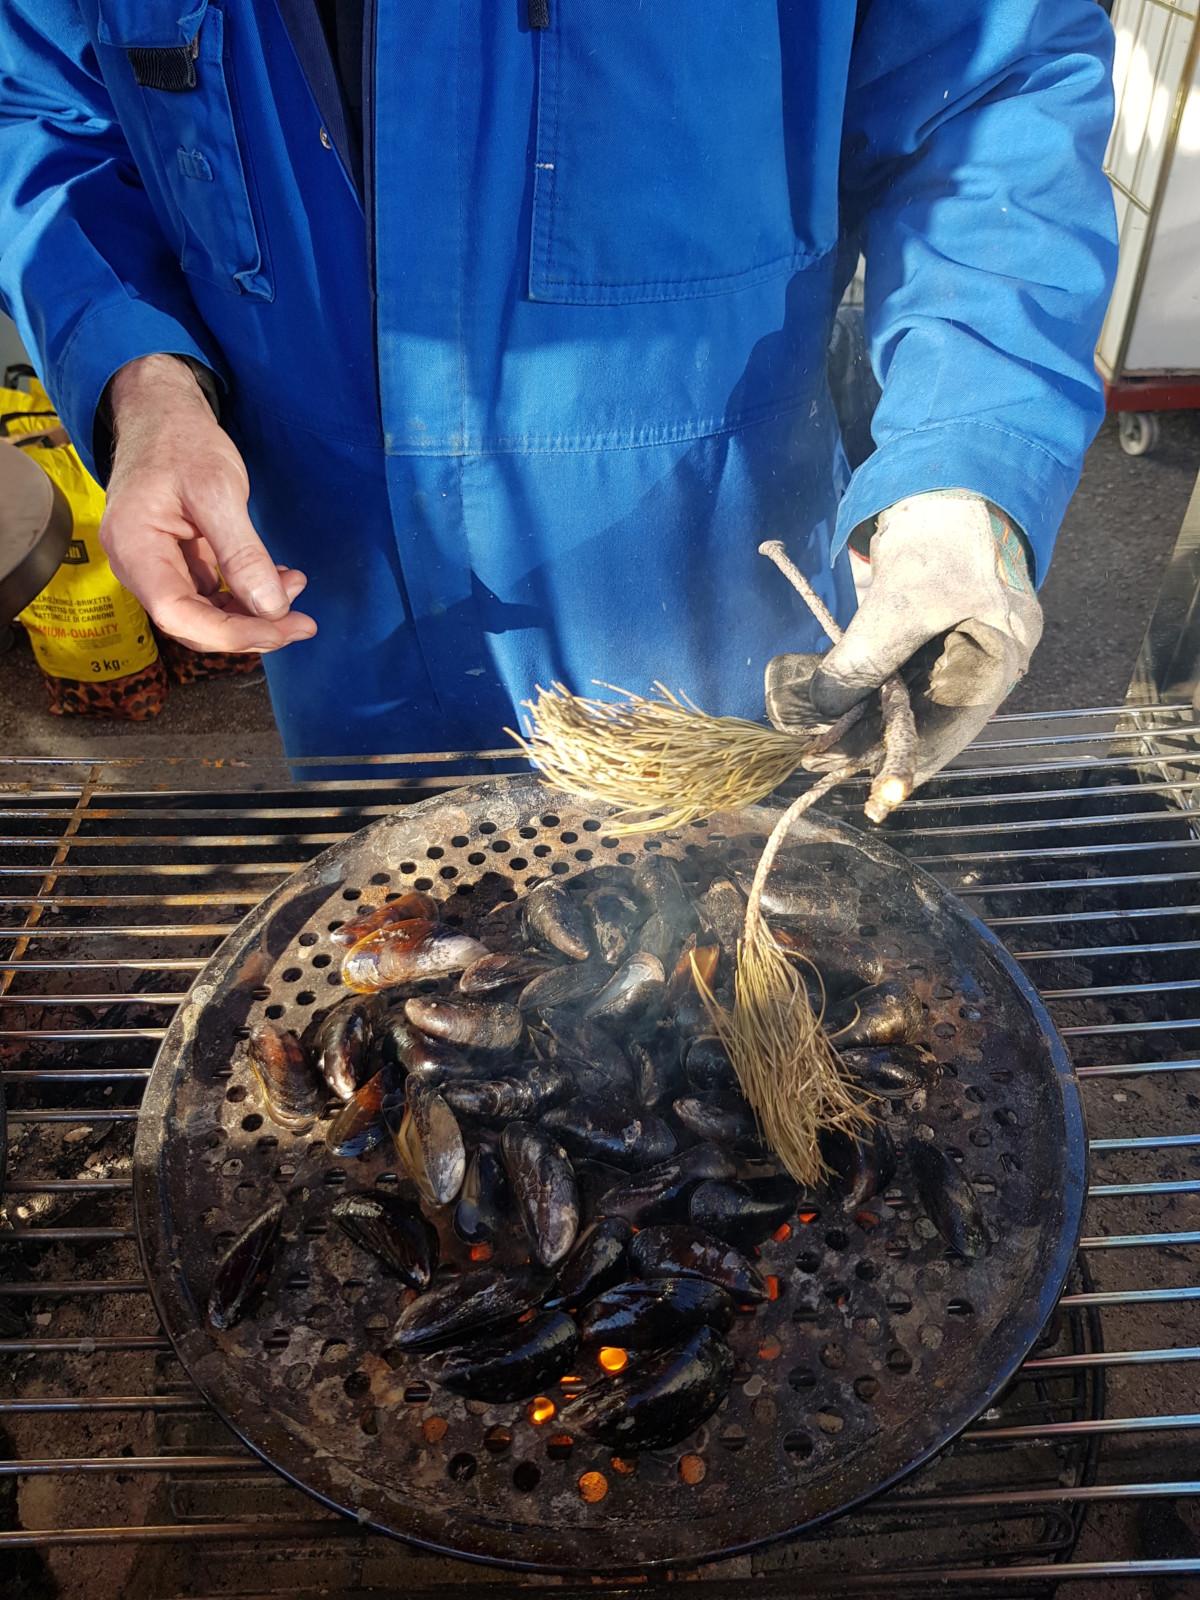 Die Muscheln können für einmal direkt vom Grill – wie heisse Marroni –gekostet werden. Foto: LesHalles